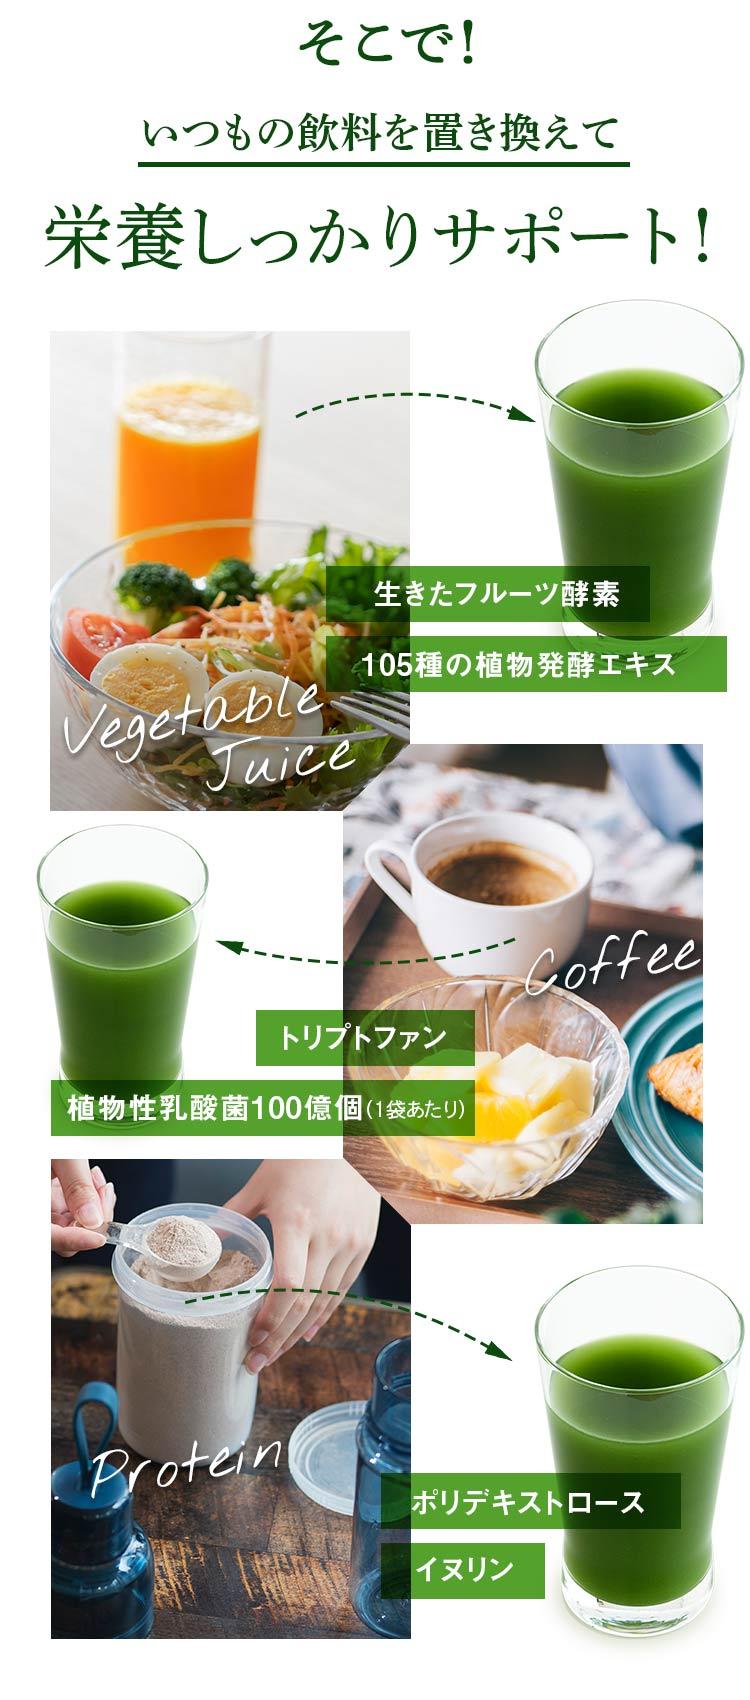 そこで!いつもの飲料を置き換えて、栄養しっかりサポート!生きたフルーツ酵素/105種の植物発酵エキス/トリプトファン/植物性乳酸菌100億個(1袋あたり)/ポリデキストロース/イヌリン